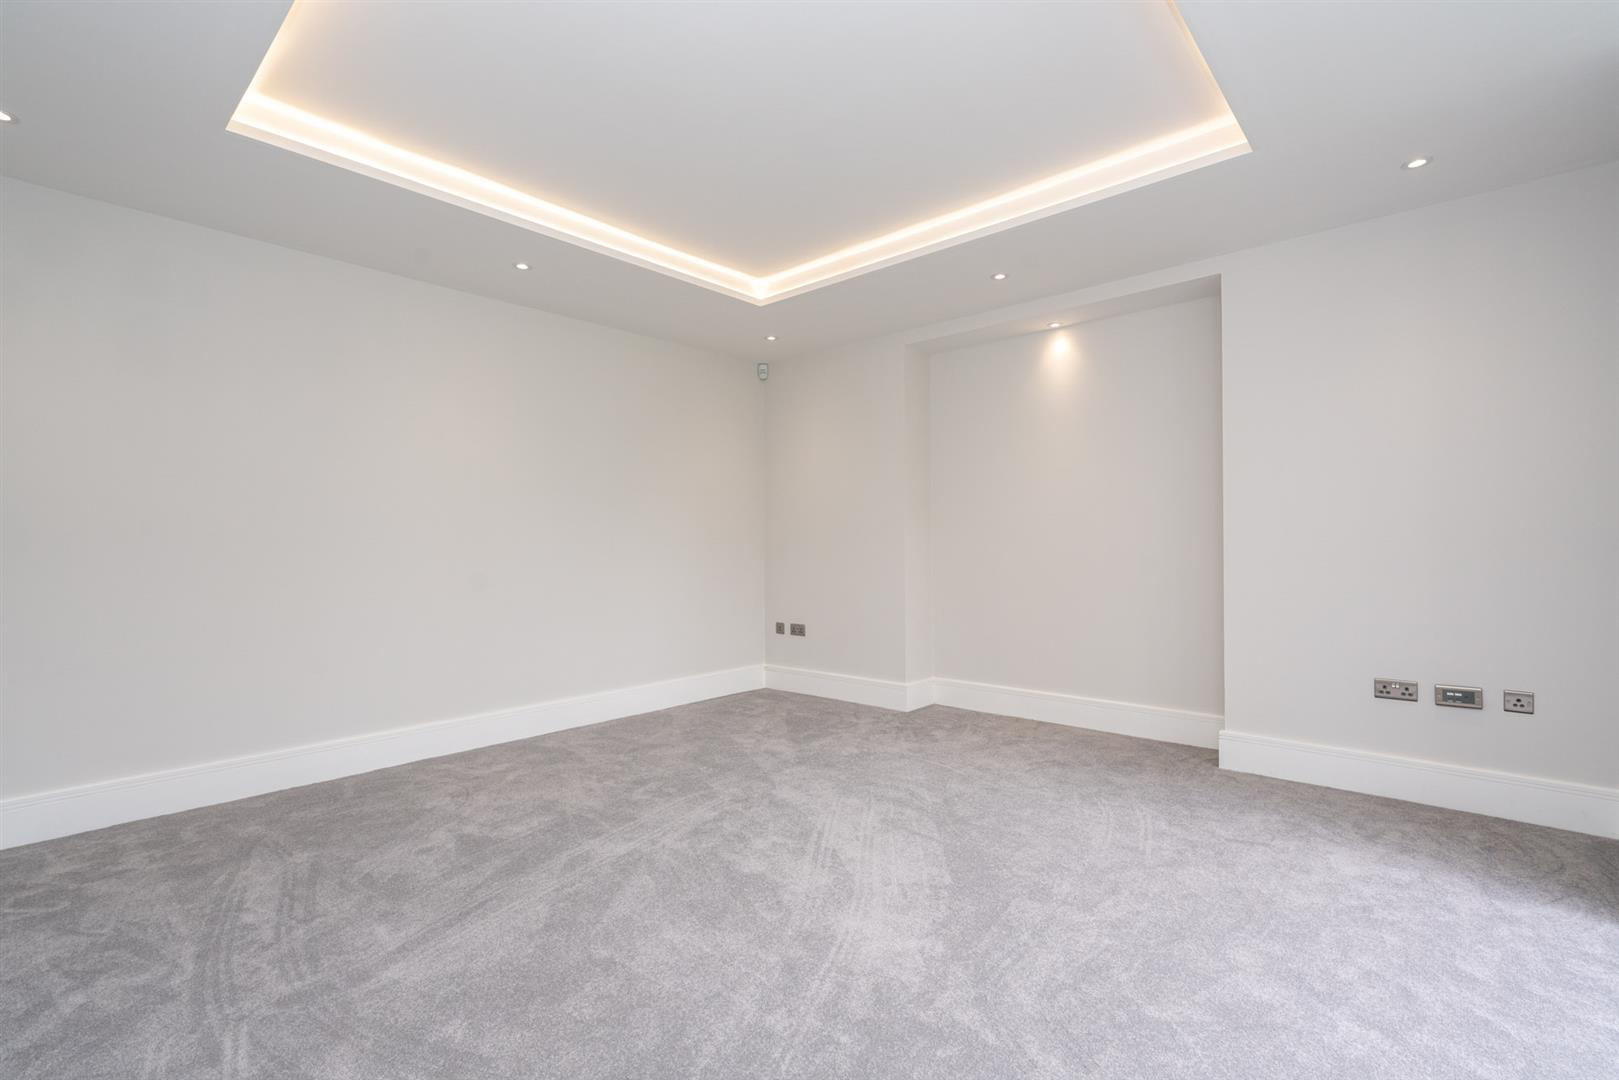 Bramley-3259 - living room 1.jpg